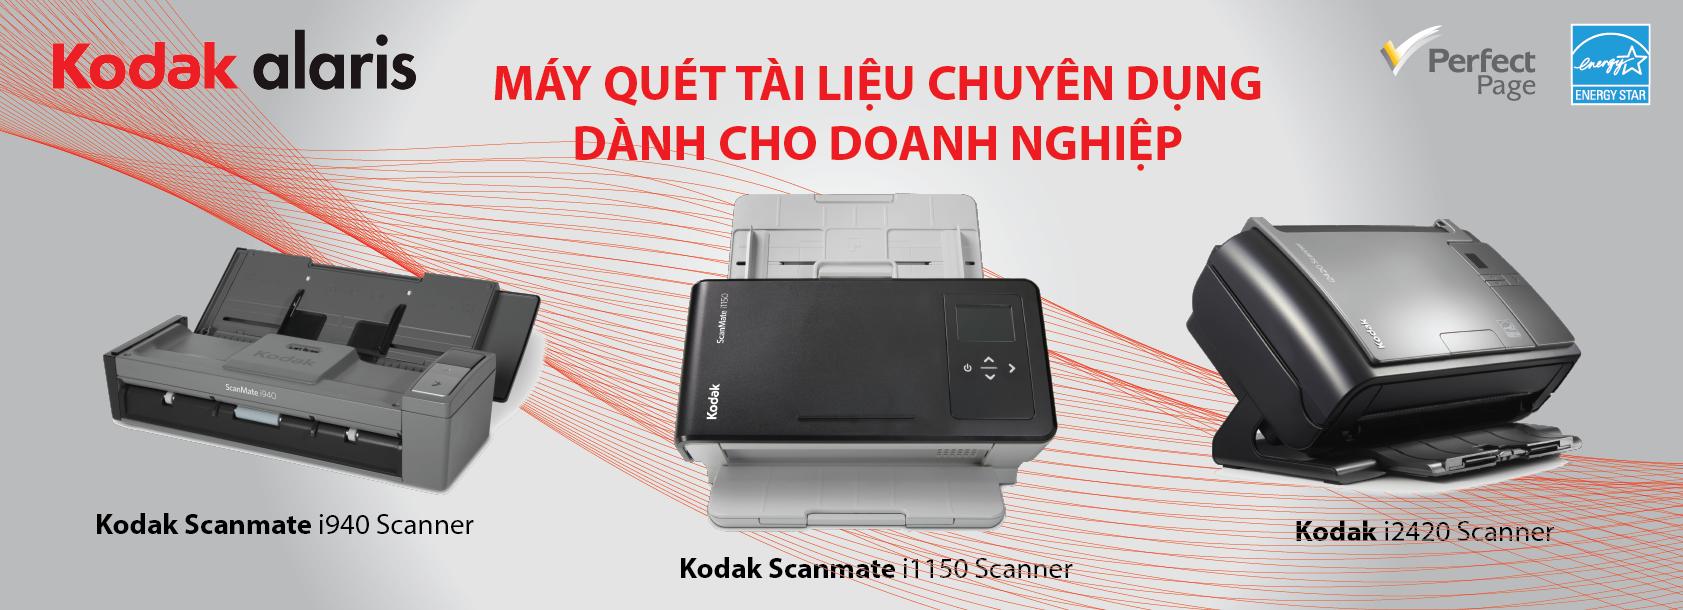 Scan Kodak